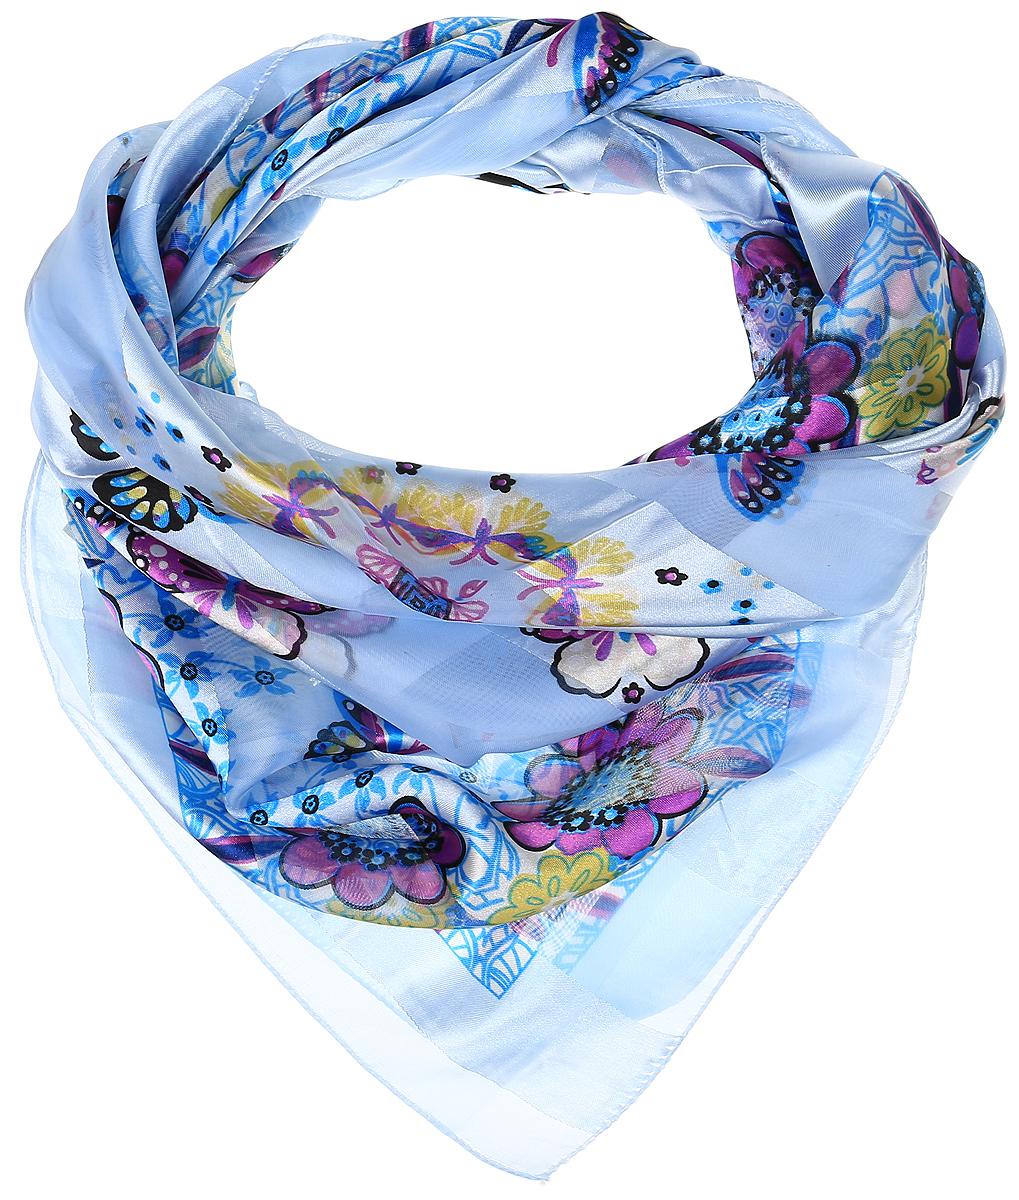 Ro0118-3-3Стильный женский платок Vittorio Richi изготовлен из высококачественного полиэстера с добавлением шелка. Платок оформлен эффектом деворе полоса и оригинальным принтом с бабочками. Отделка краев - оверлок.